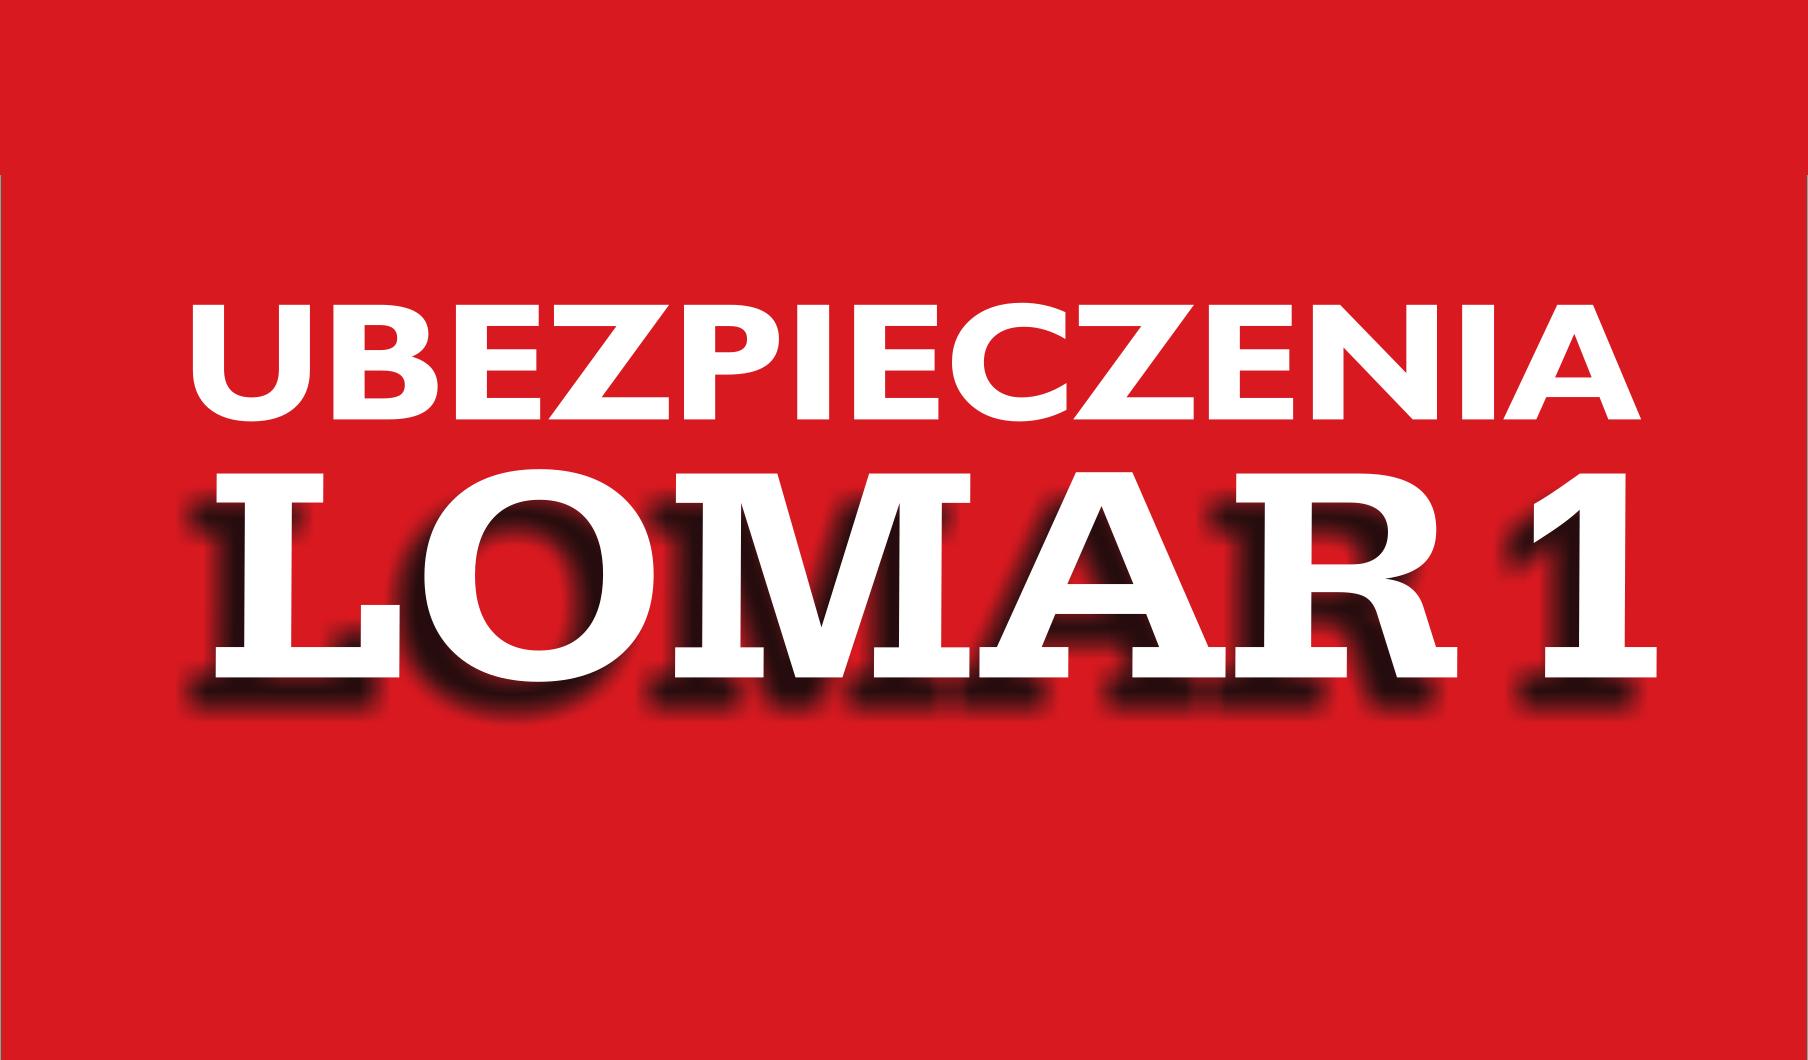 Lomar1 Ubezpieczenia